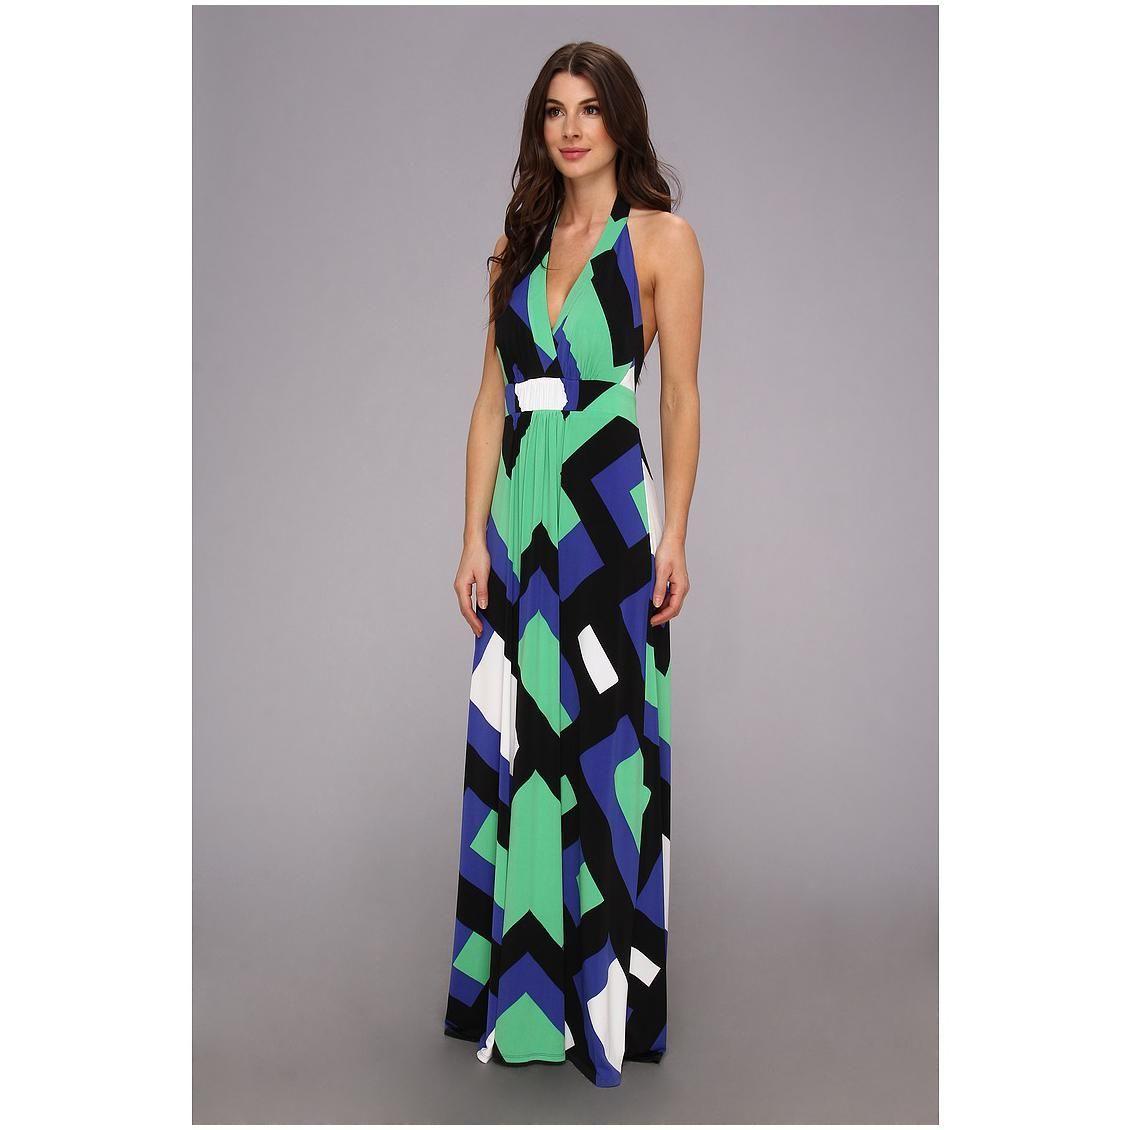 halter maxi dresses cheap | Best dress ideas | Pinterest | Maxis ...